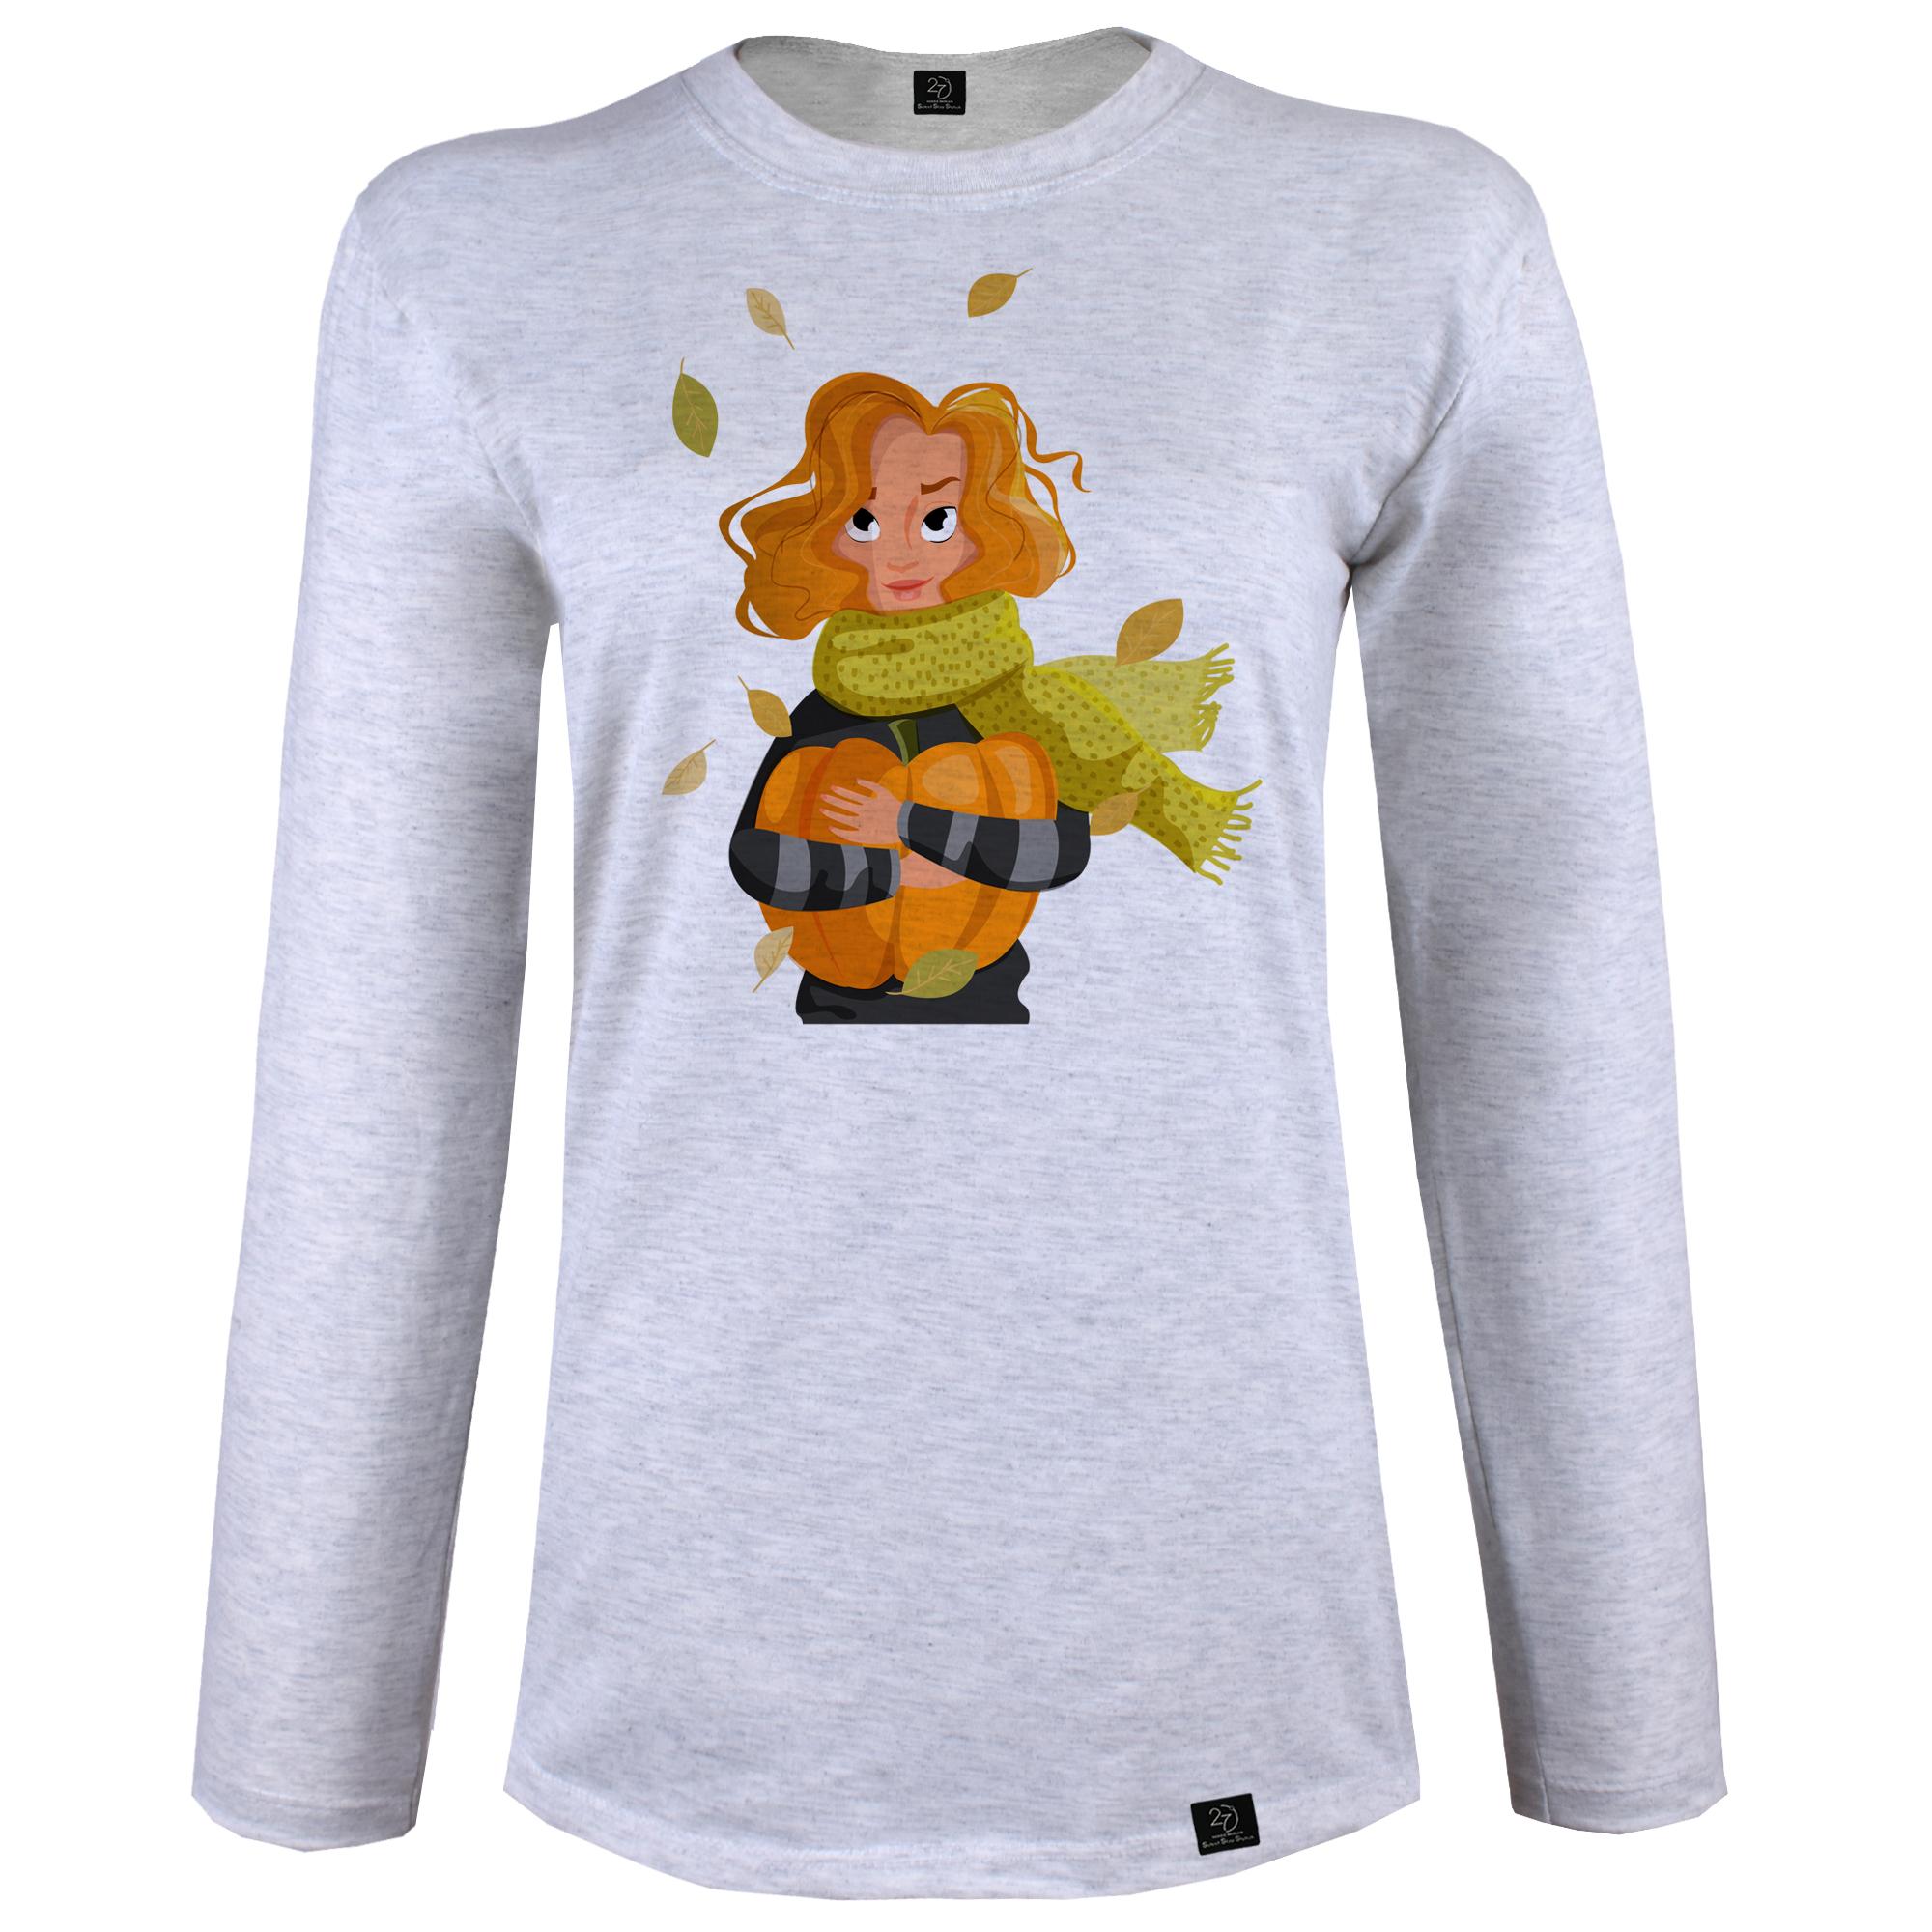 تی شرت  آستین بلند زنانه 27 طرح دختر پاییزی کد J05 رنگ طوسی روشن